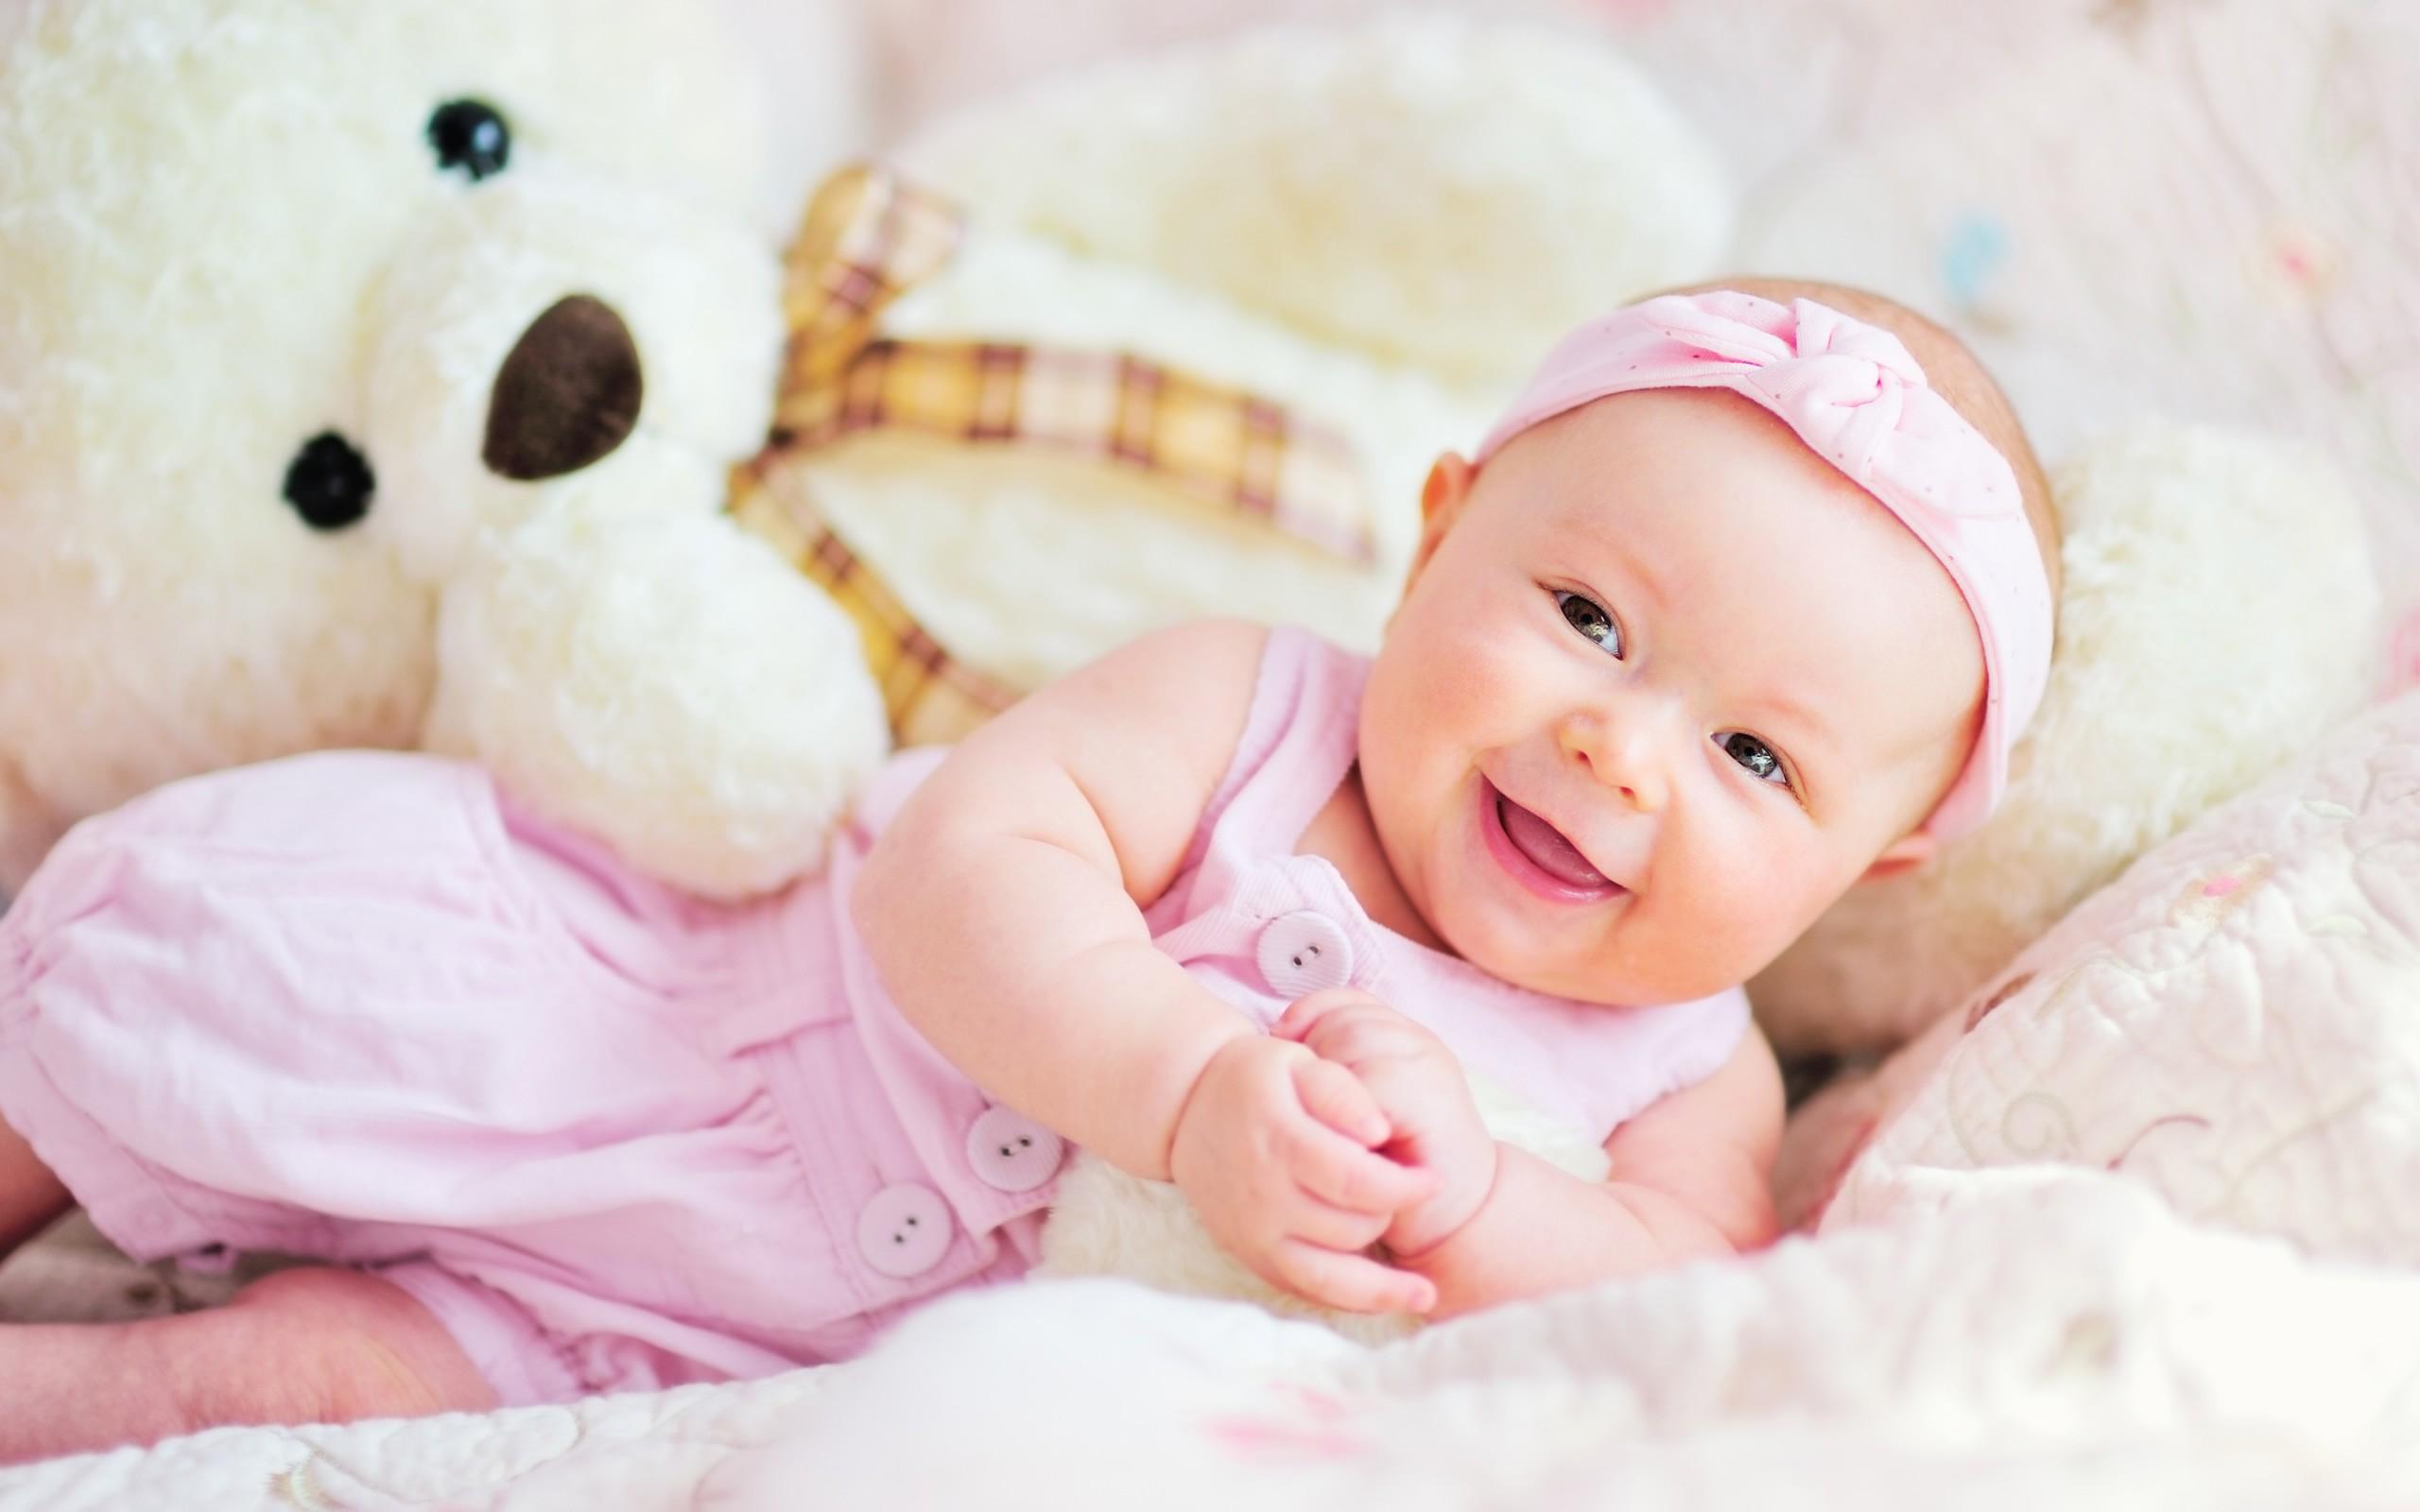 Cute Love Teddy Bears Wallpapers Cute Baby Teddy Bear Wallpapers Hd Wallpapers Id 16709